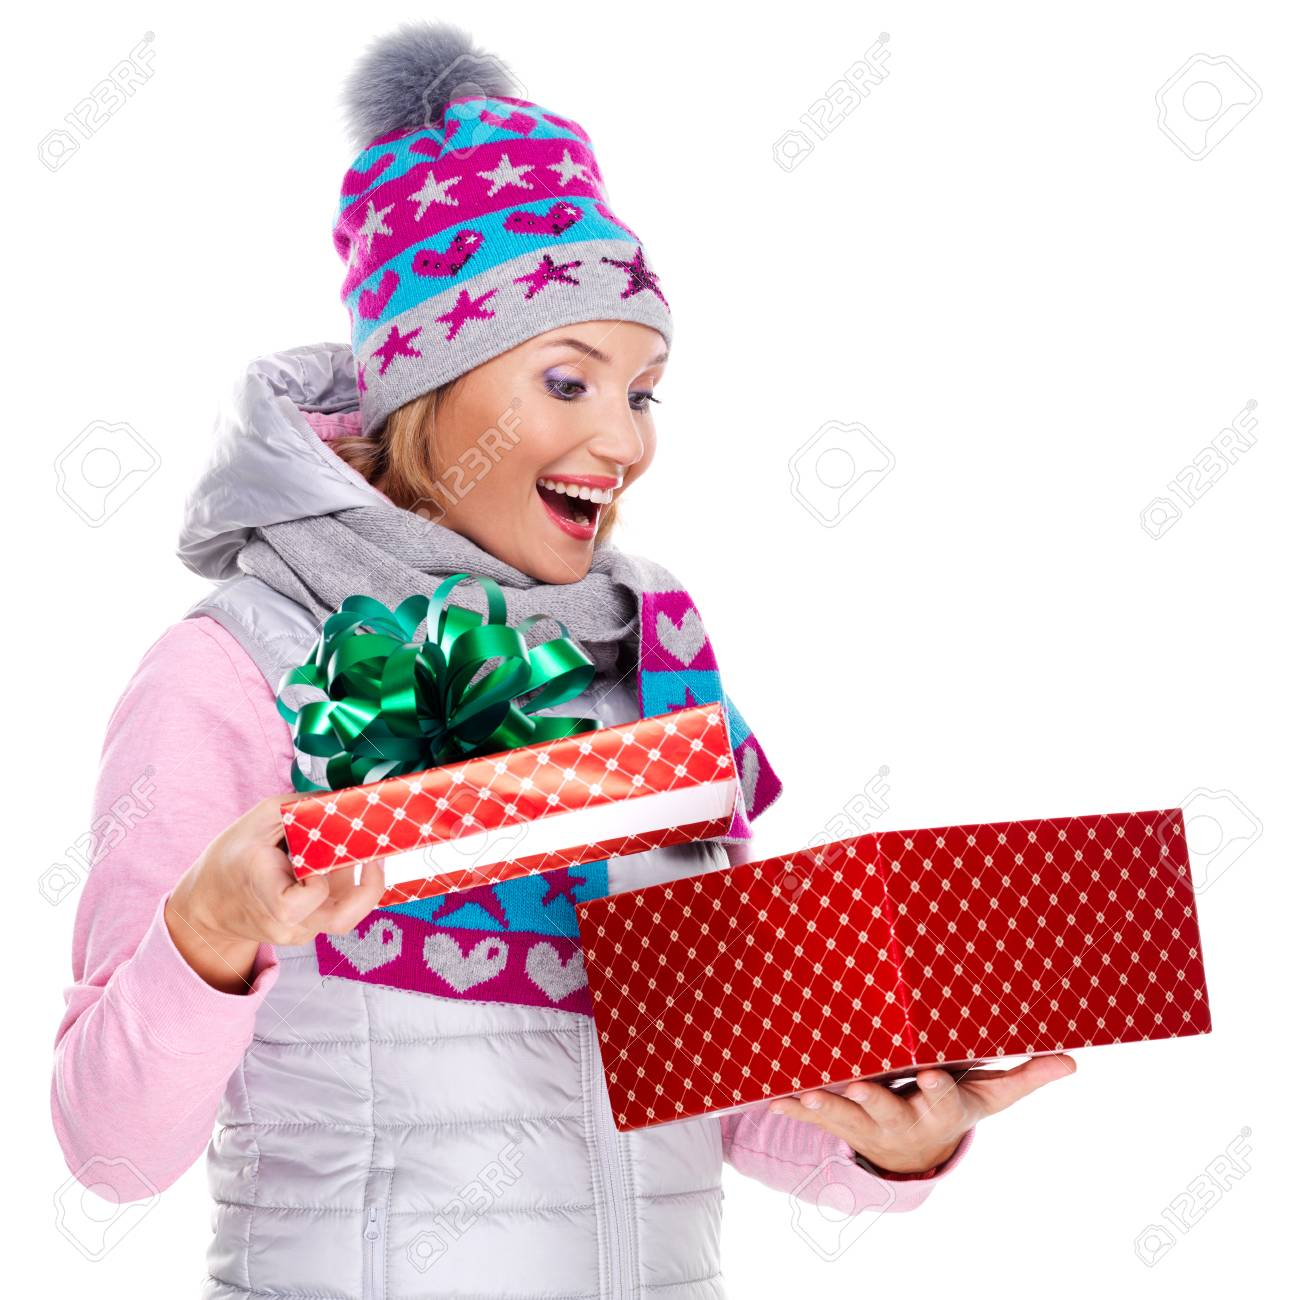 Foto Freudig überrascht Frau Mit Einem Weihnachtsgeschenk In Einer ...